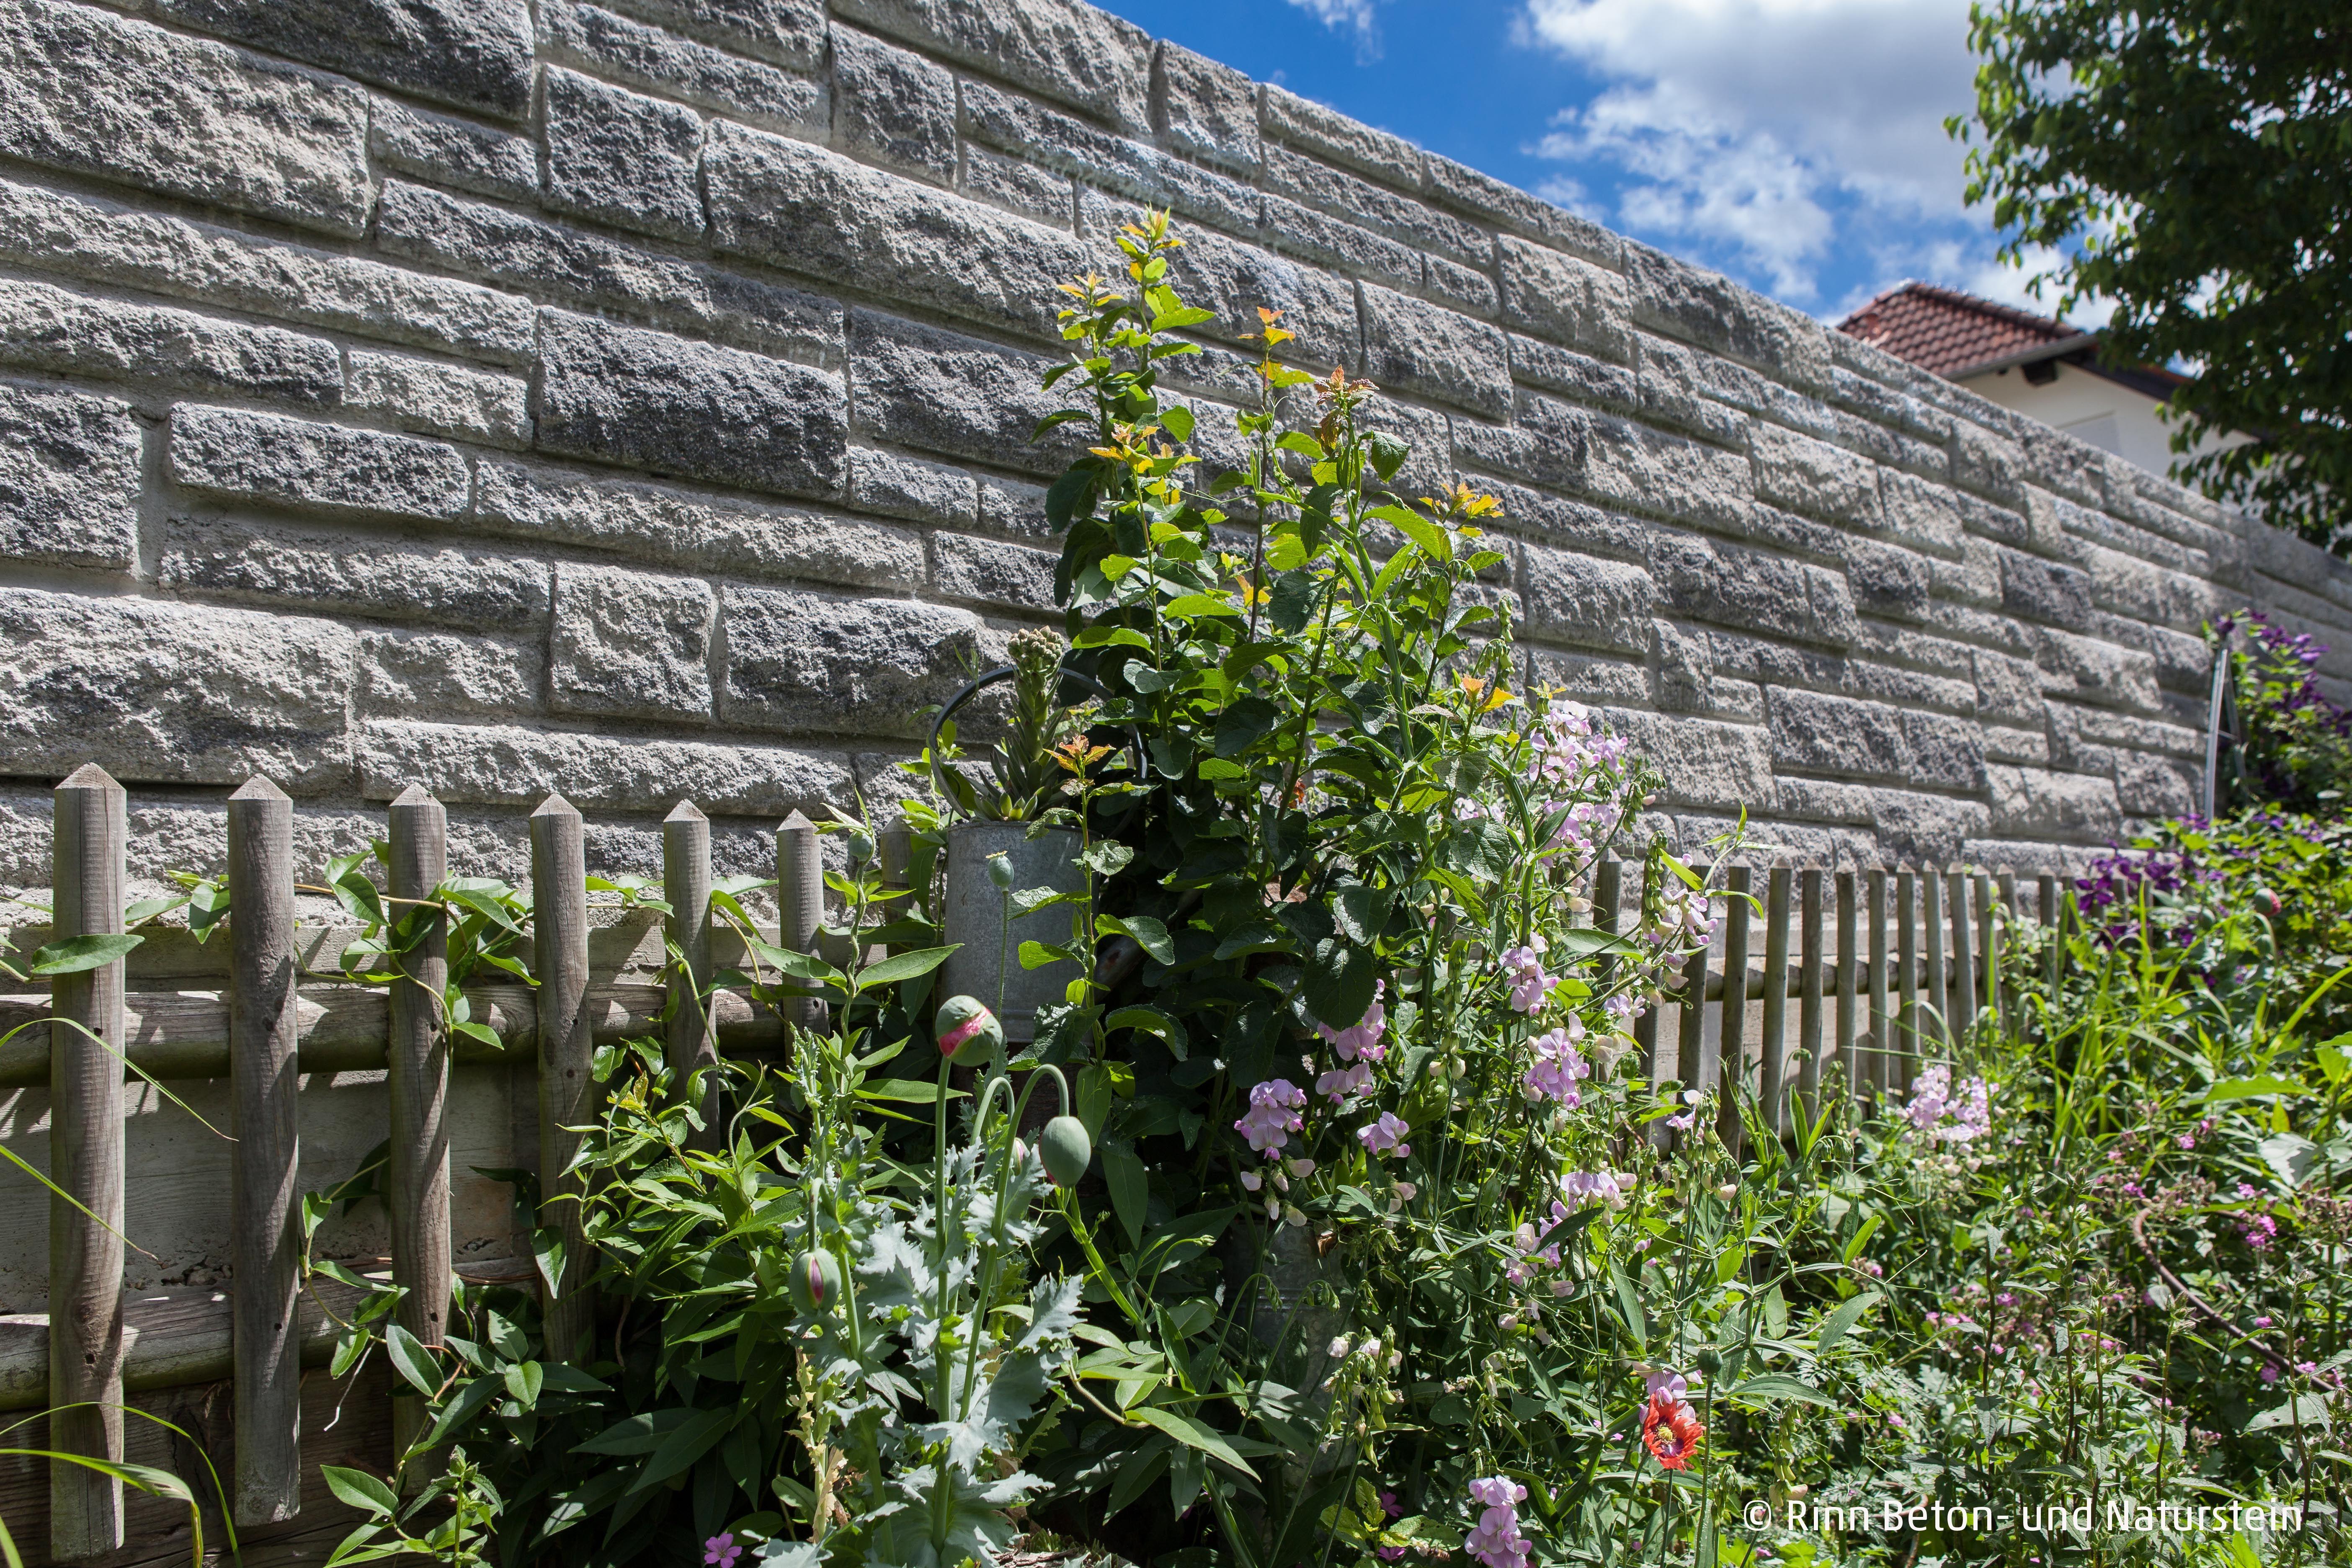 Geben Sie Ihrem Mediterranen Garten Die Passende Einfriedung Mit Der Toskana Mauer Rinnbeton Design Gartengesta Mediterraner Garten Garten Gartengestaltung